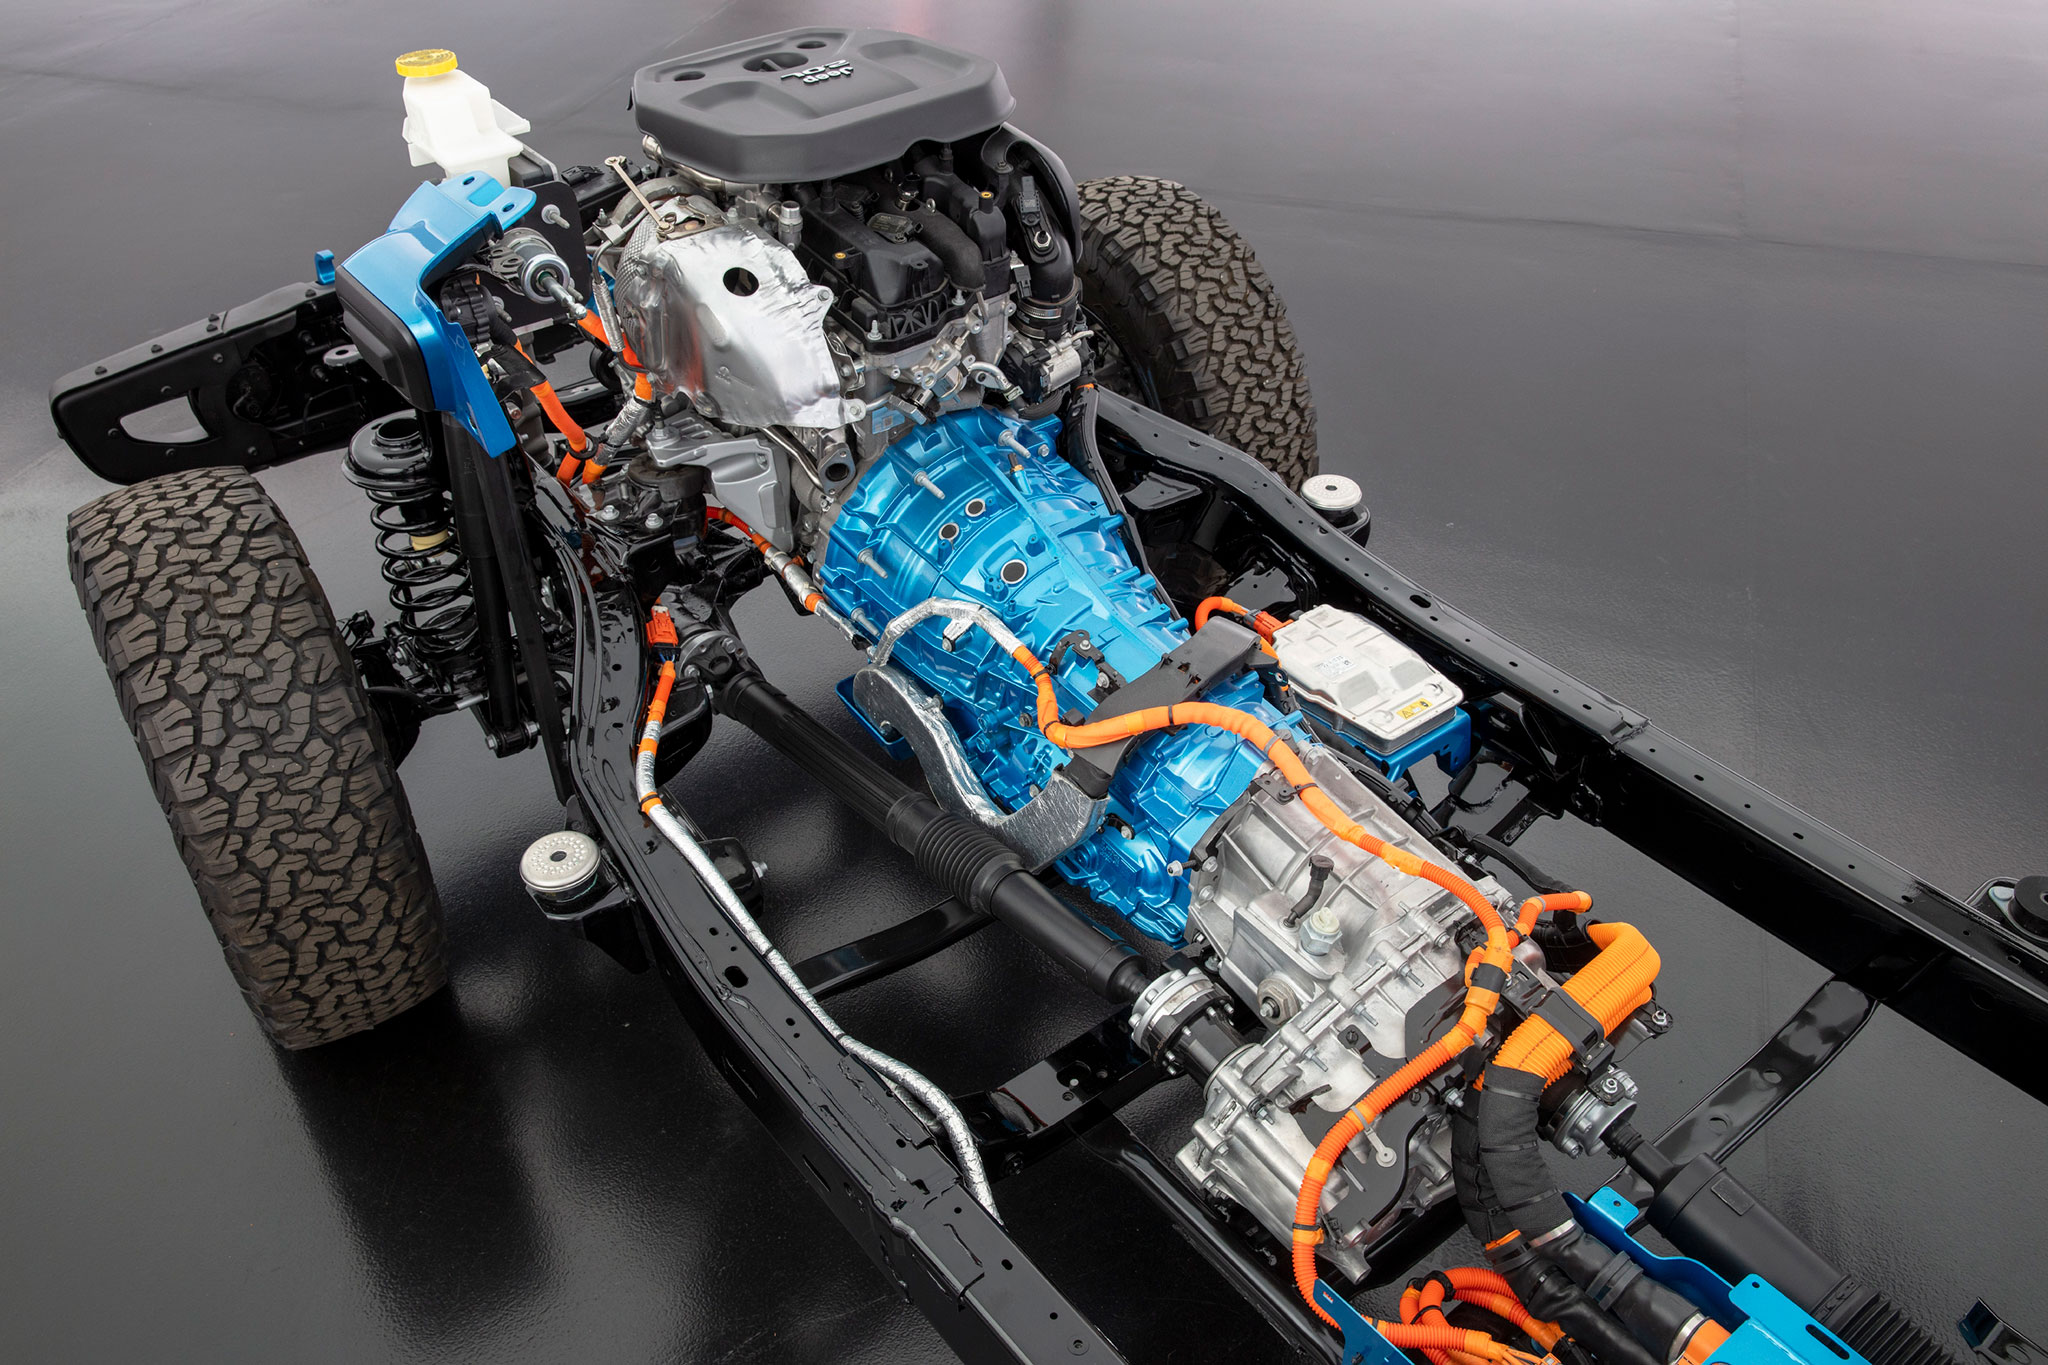 2021 Jeep Wrangler 4xe convertisseur montée sur transmission automatique à 8 rapports